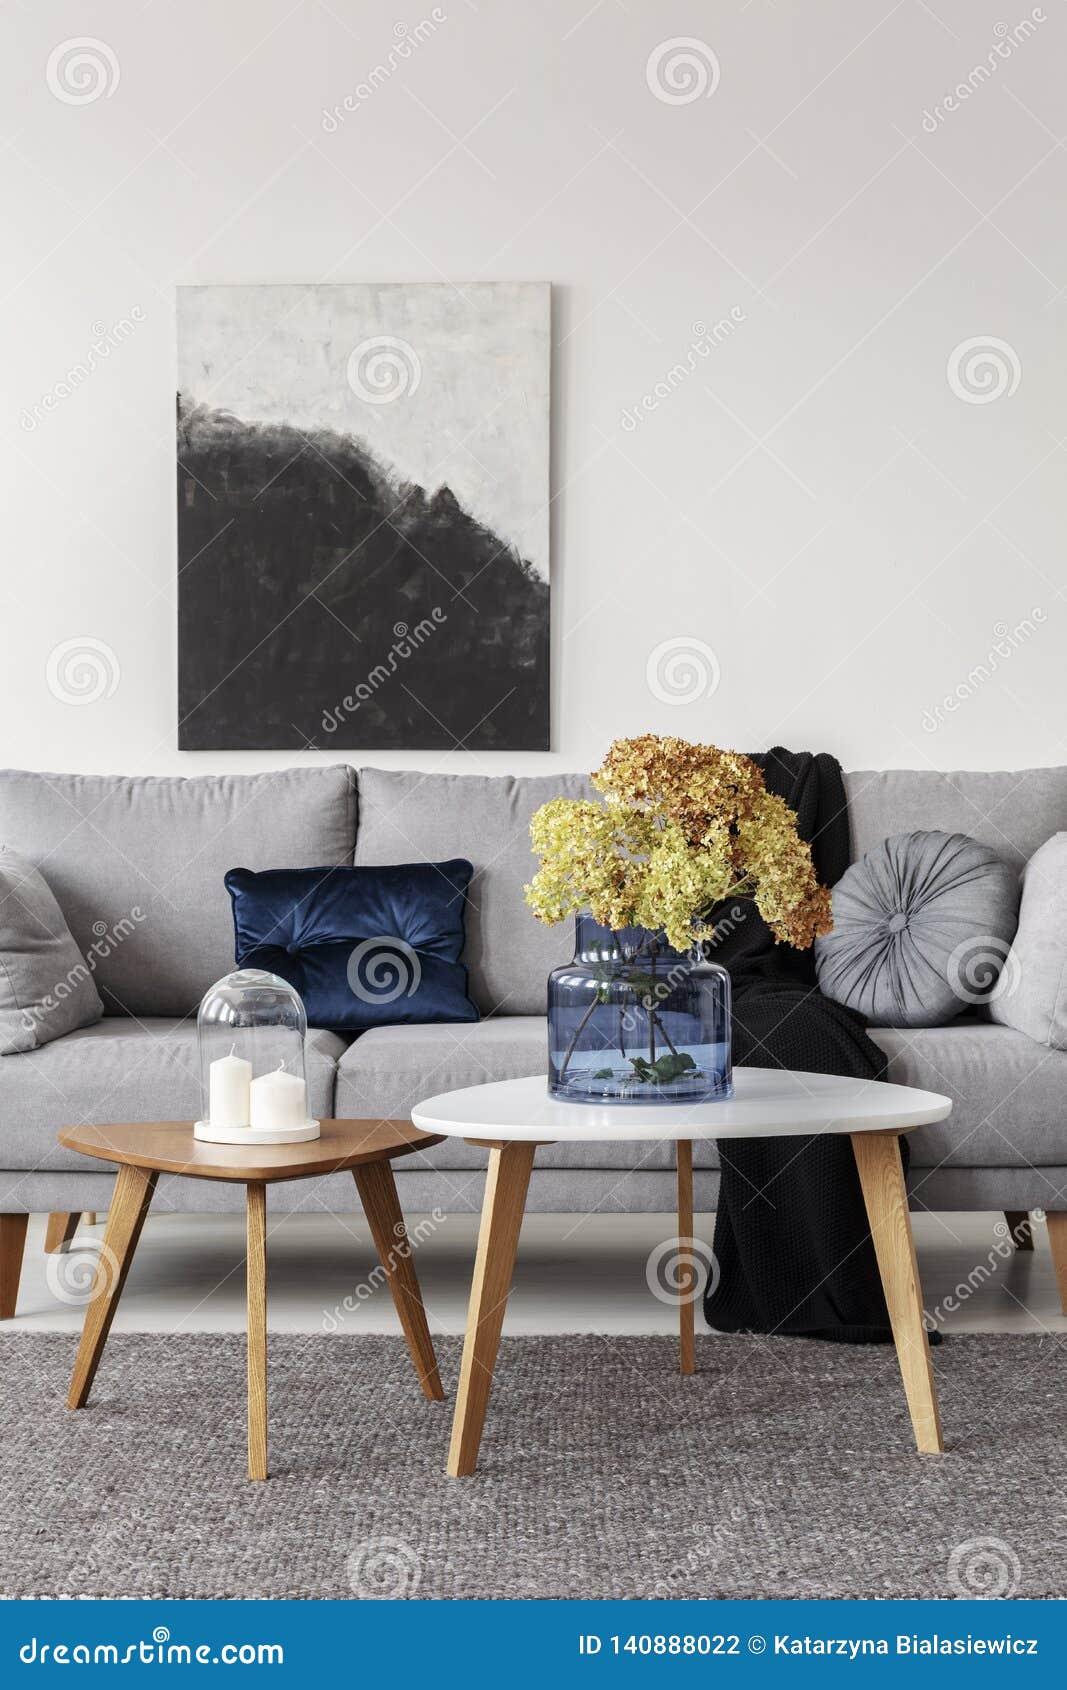 Flores en florero de cristal azul y dos velas blancas en las mesas de centro de madera en sala de estar elegante gris con el sofá